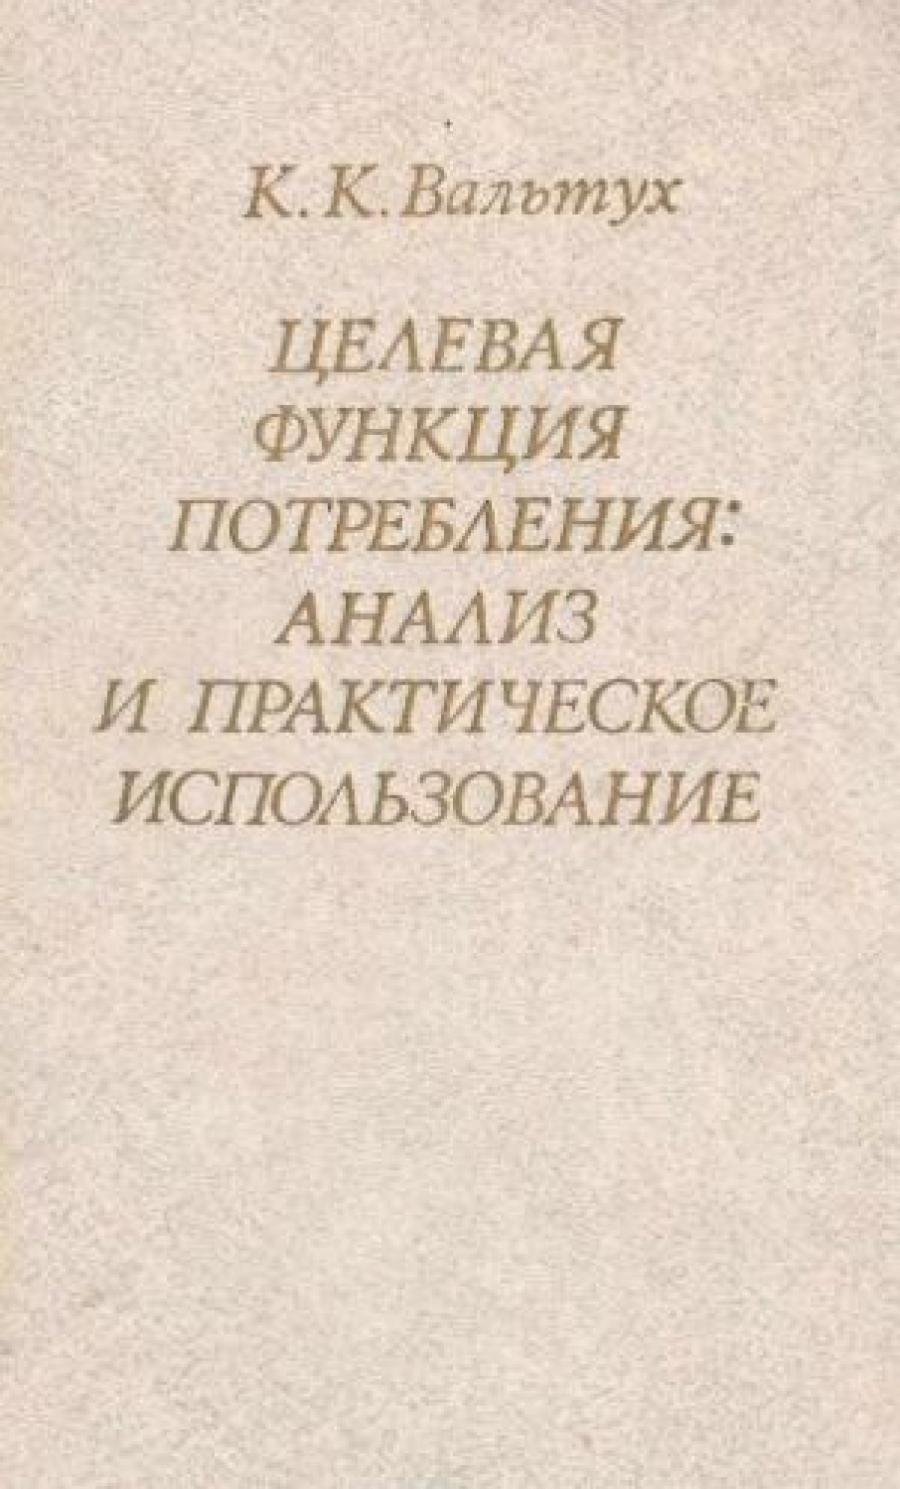 Обложка книги:  вальтух к.к. - целевая функция потребления. анализ и практическое использование